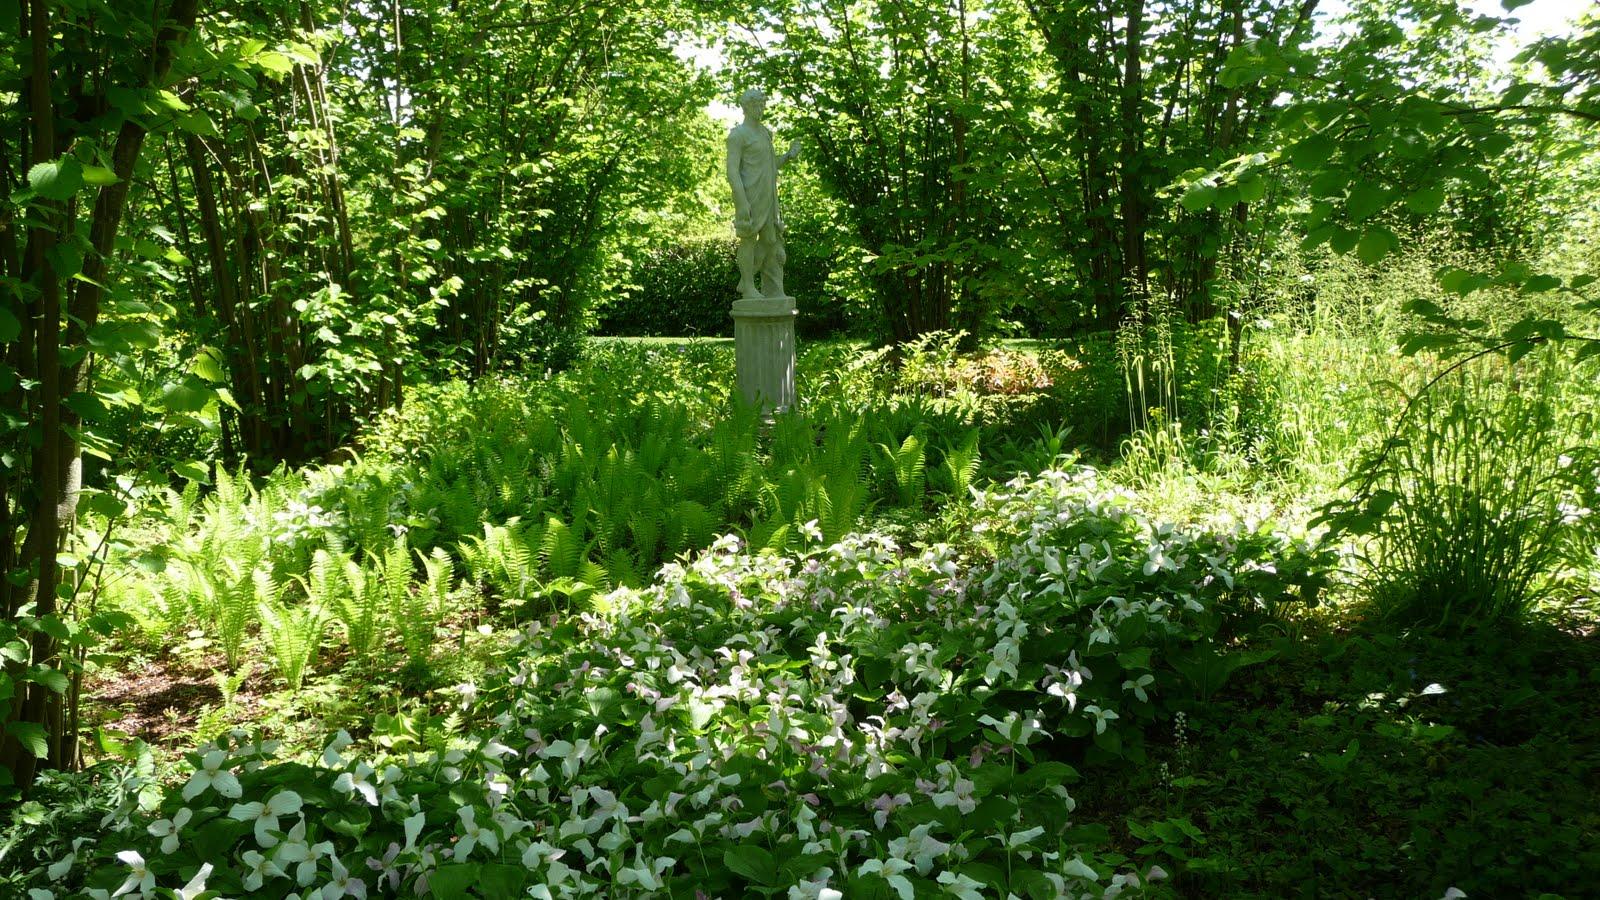 Weißer Garten Sissinghurst glückliche momente sissinghurst castle